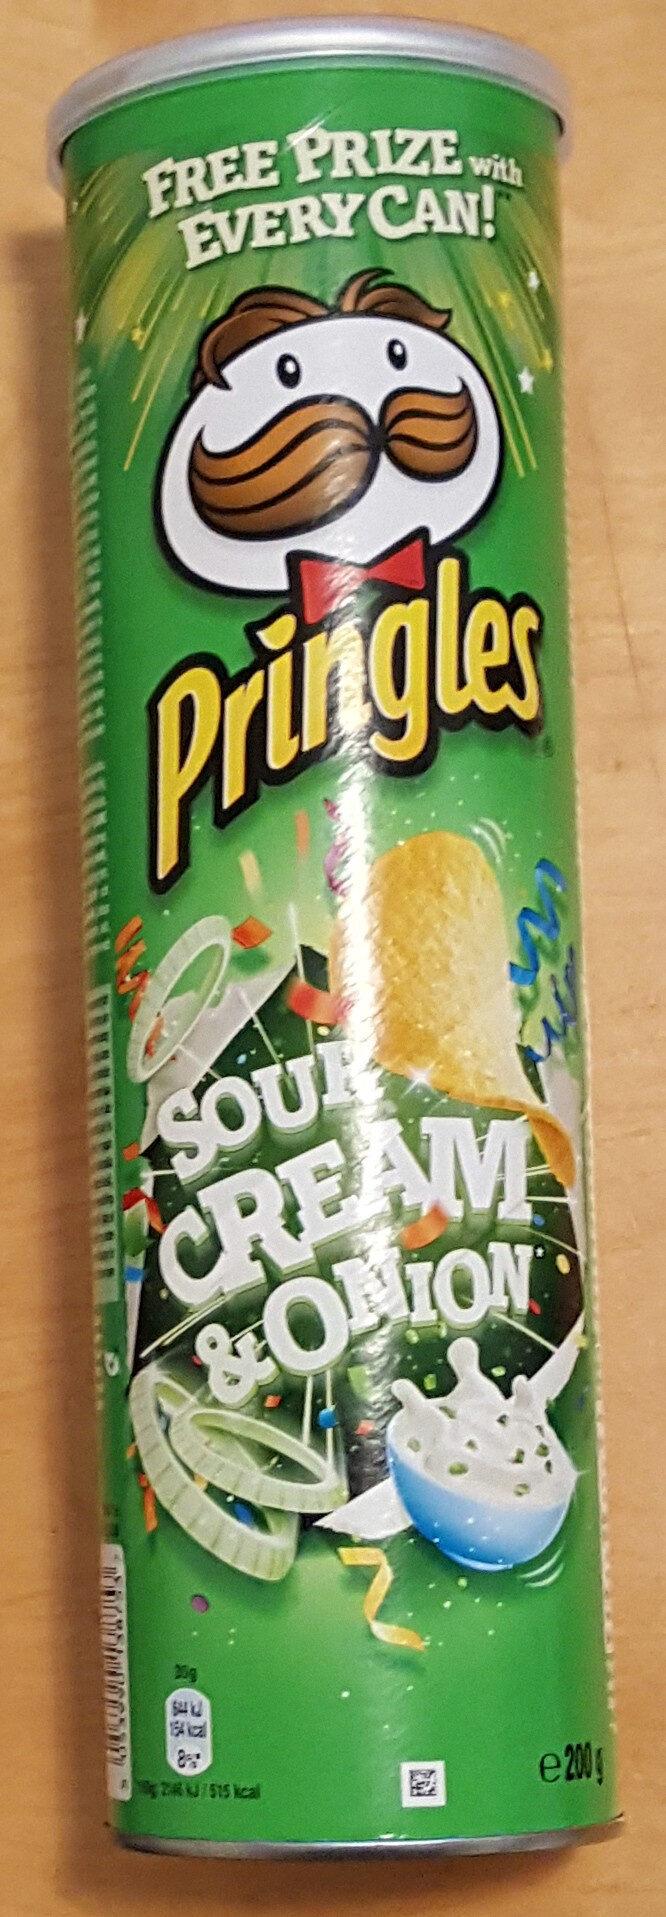 Sour Cream & Onion - Product - en